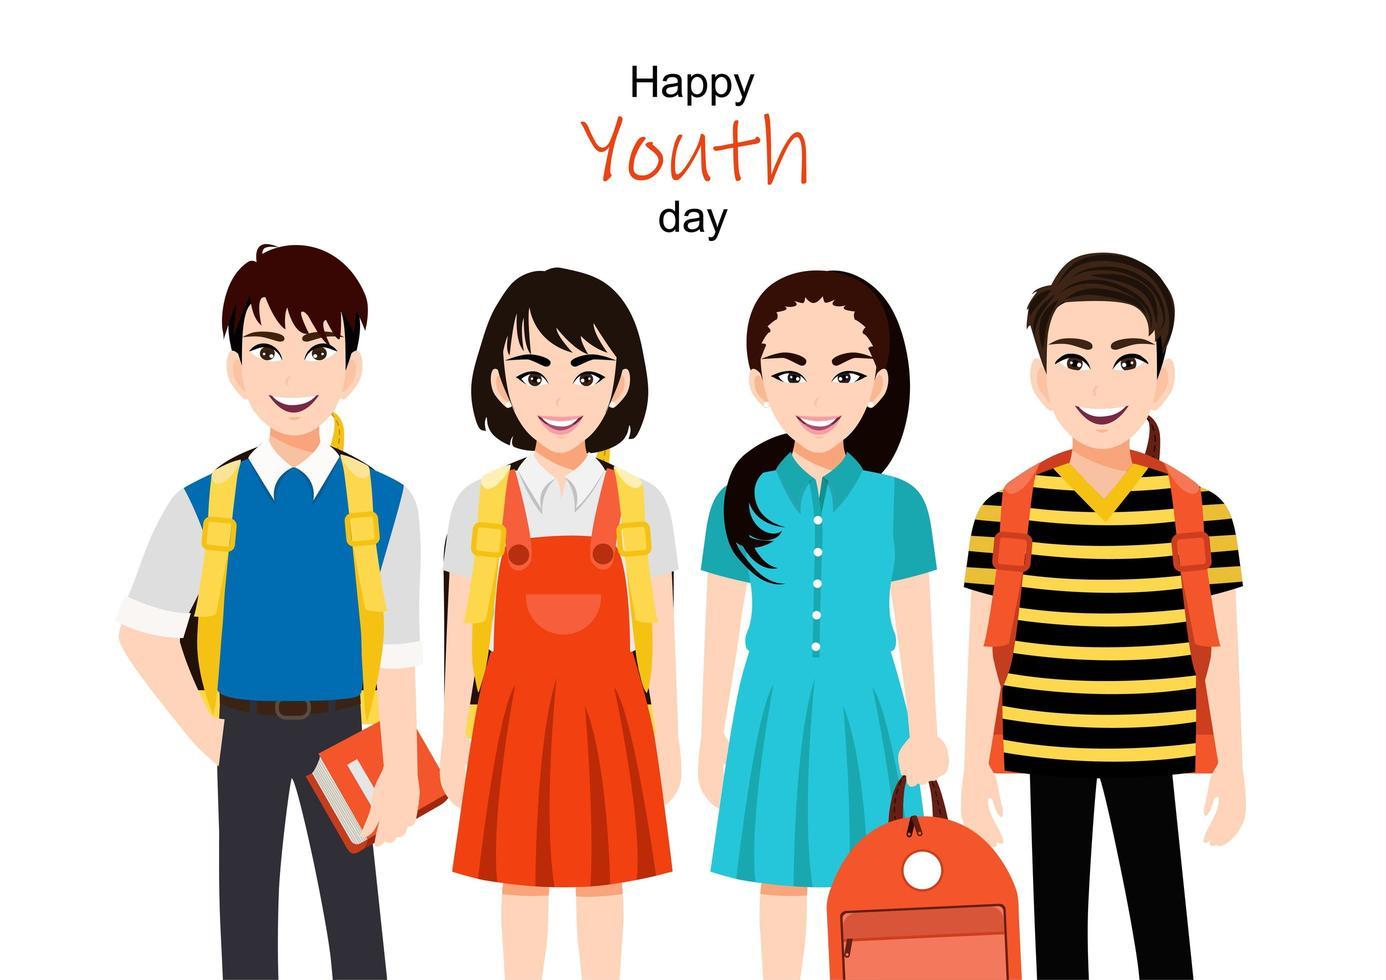 felice giornata della gioventù design con un gruppo di ragazze e ragazzi vettore